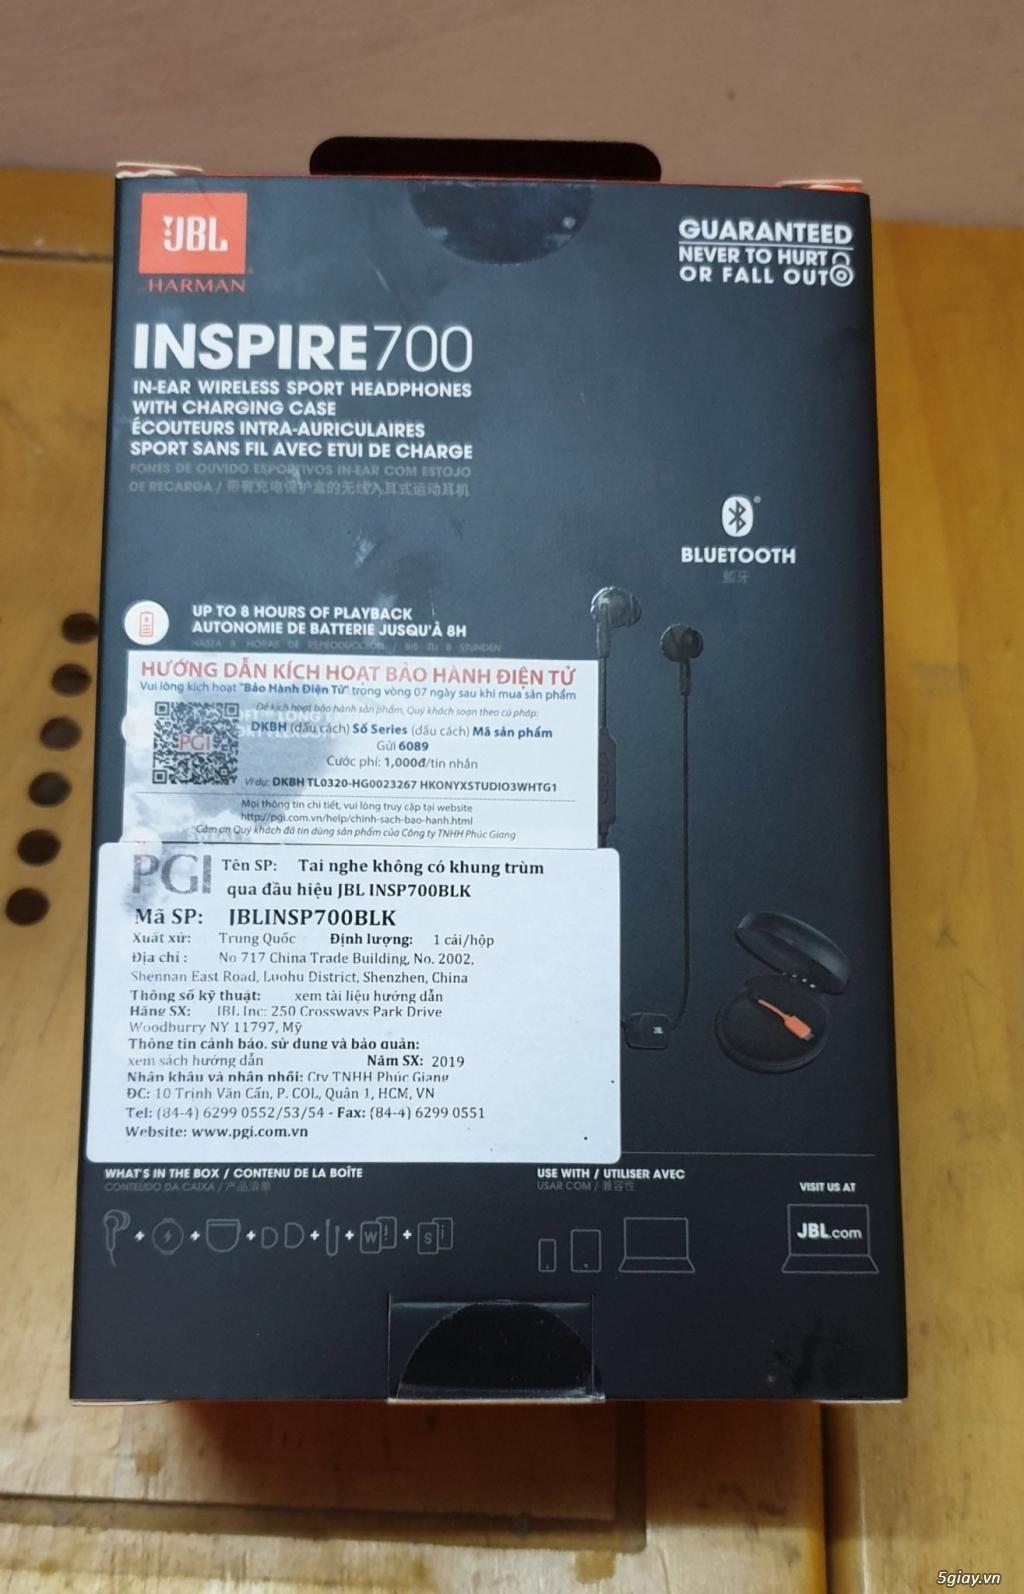 Tai Nghe Bluetooth JBL Inspire 700 Chính Hãng, Mới 100% - 1